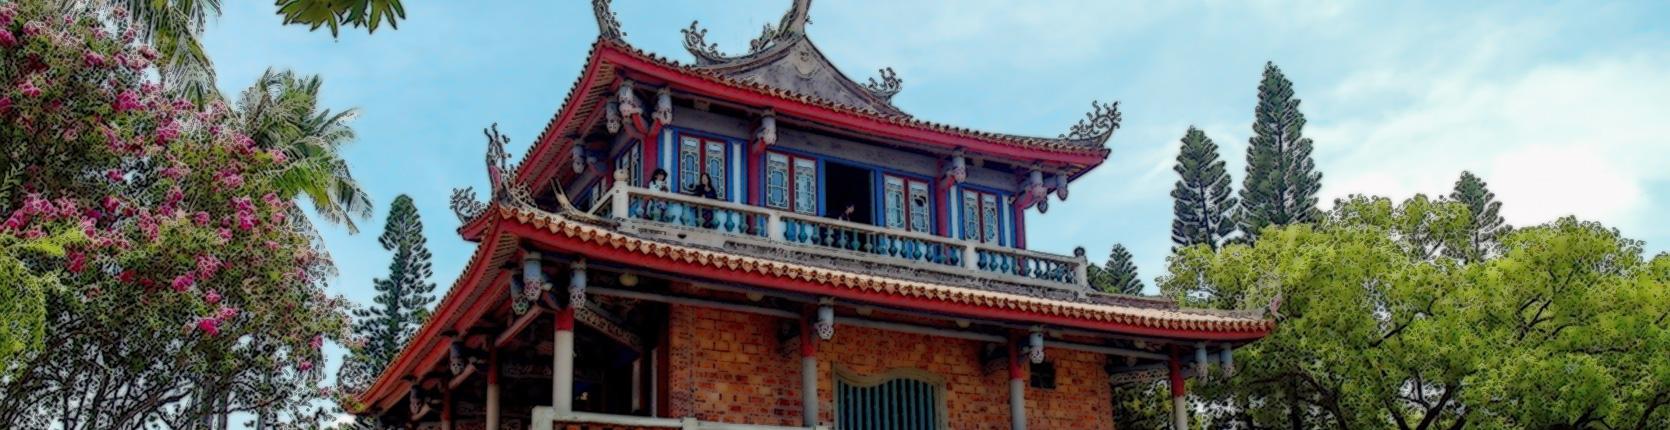 赤崁樓-此為臺南市政府文化局古蹟營運科形象廣告播放輪播